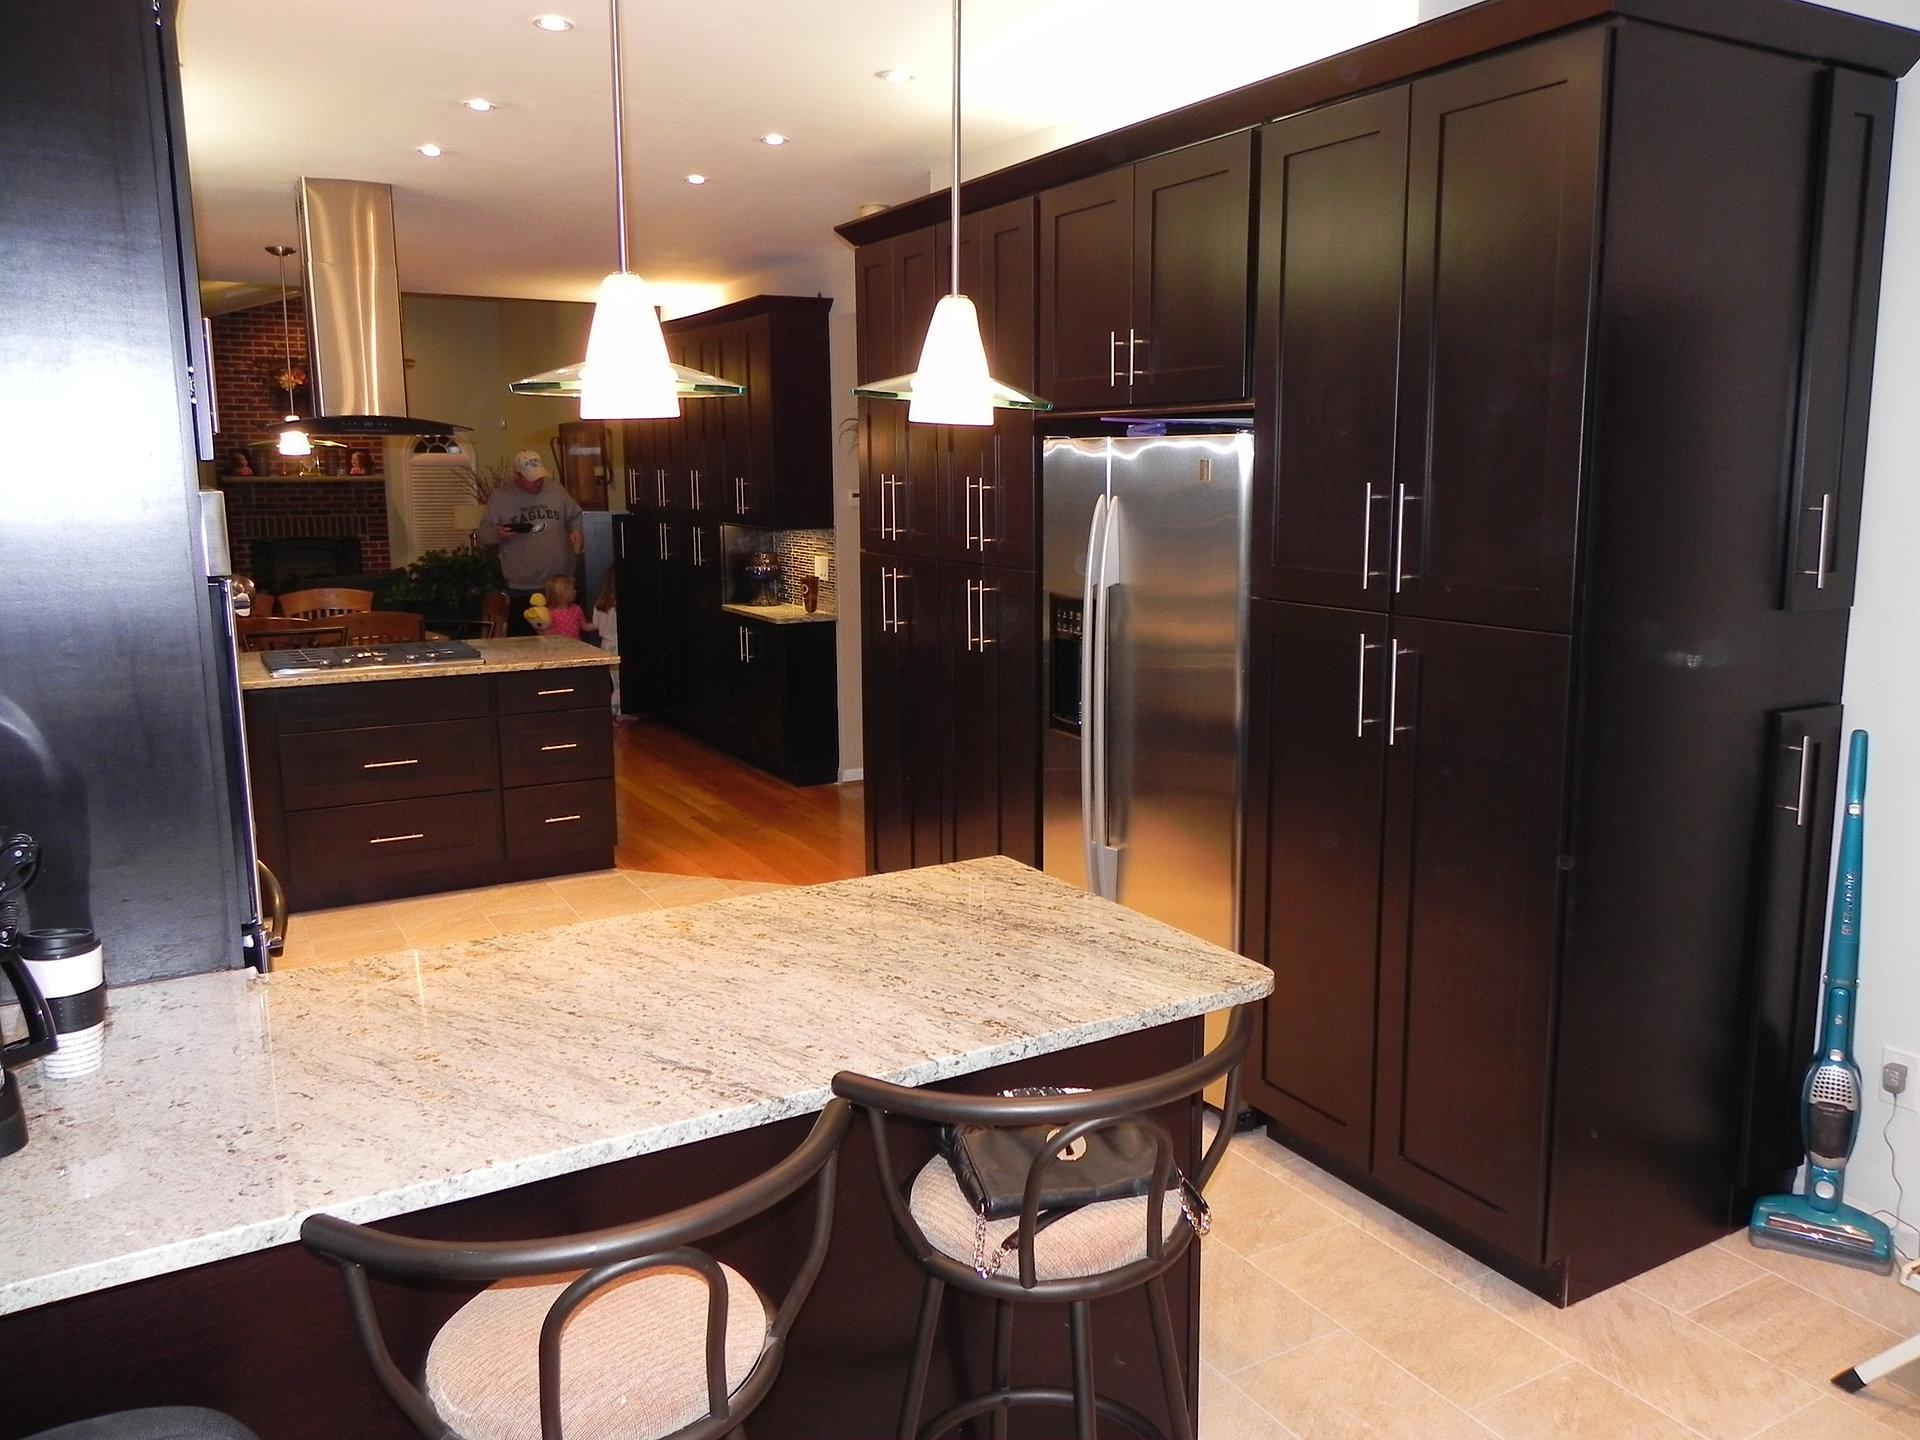 kitchen remodeling in fairfax va - Kitchen Cabinets Fairfax Va